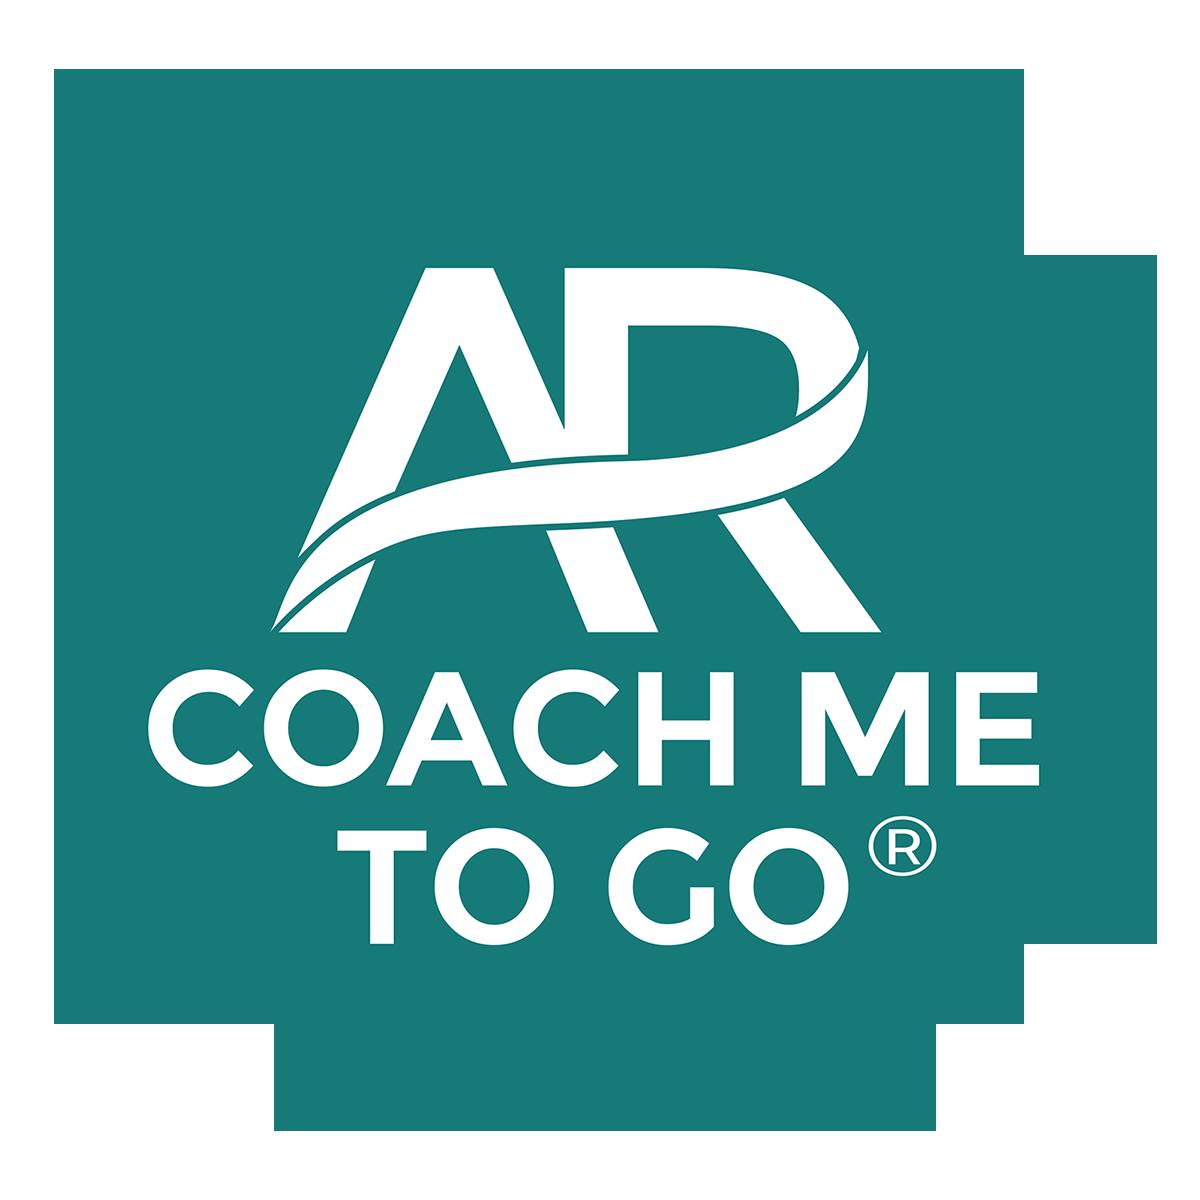 Logo AR coach me to go